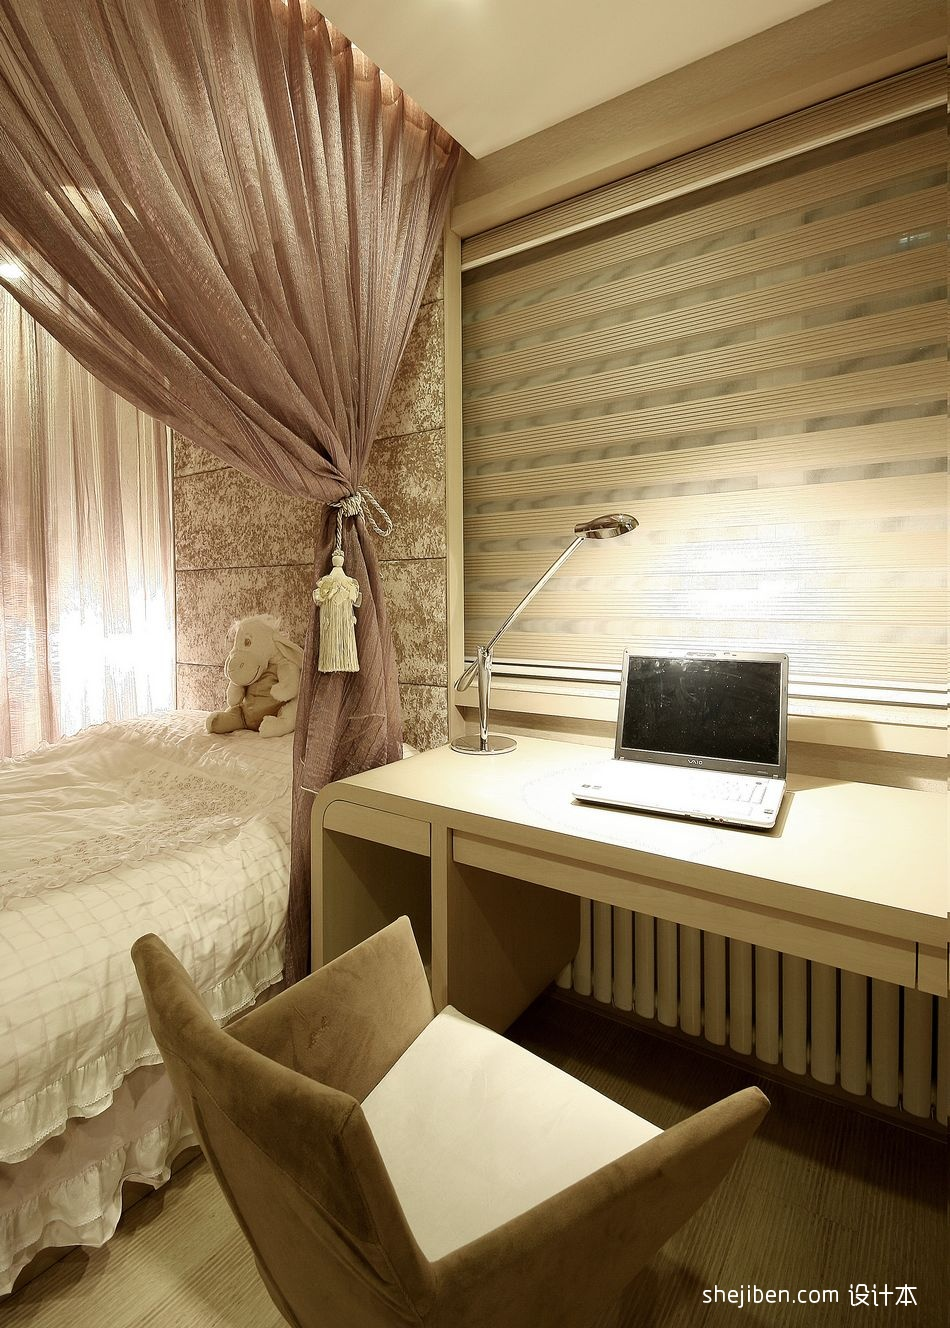 精美面积105平混搭三居卧室装修效果图片大全卧室潮流混搭卧室设计图片赏析